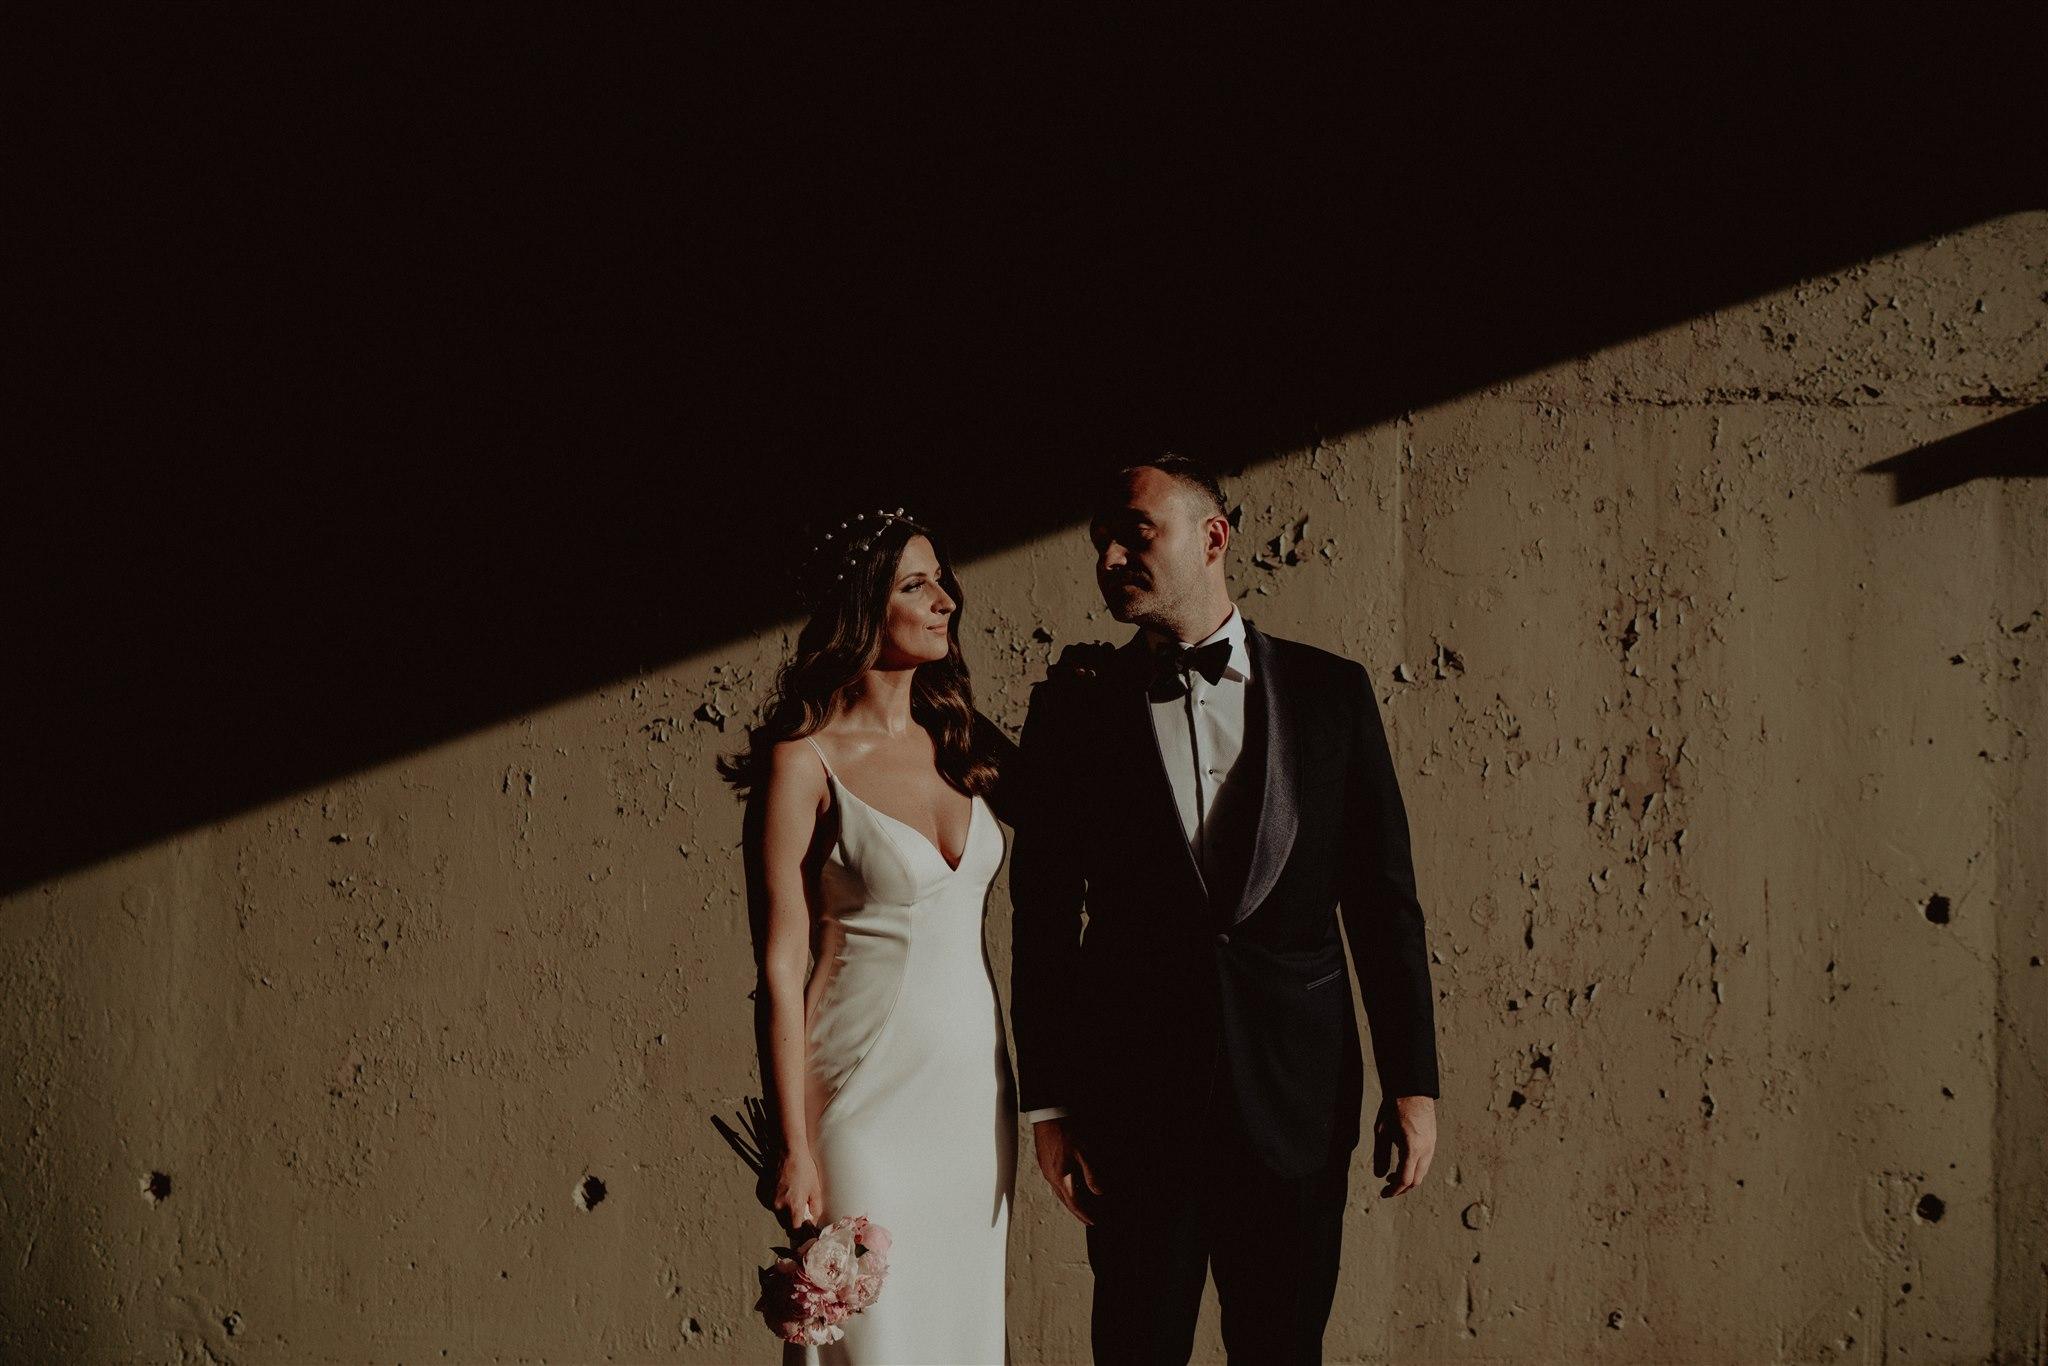 Chellise_Michael_Photography_Ramona_Brooklyn_Wedding_Photographer-383.jpg